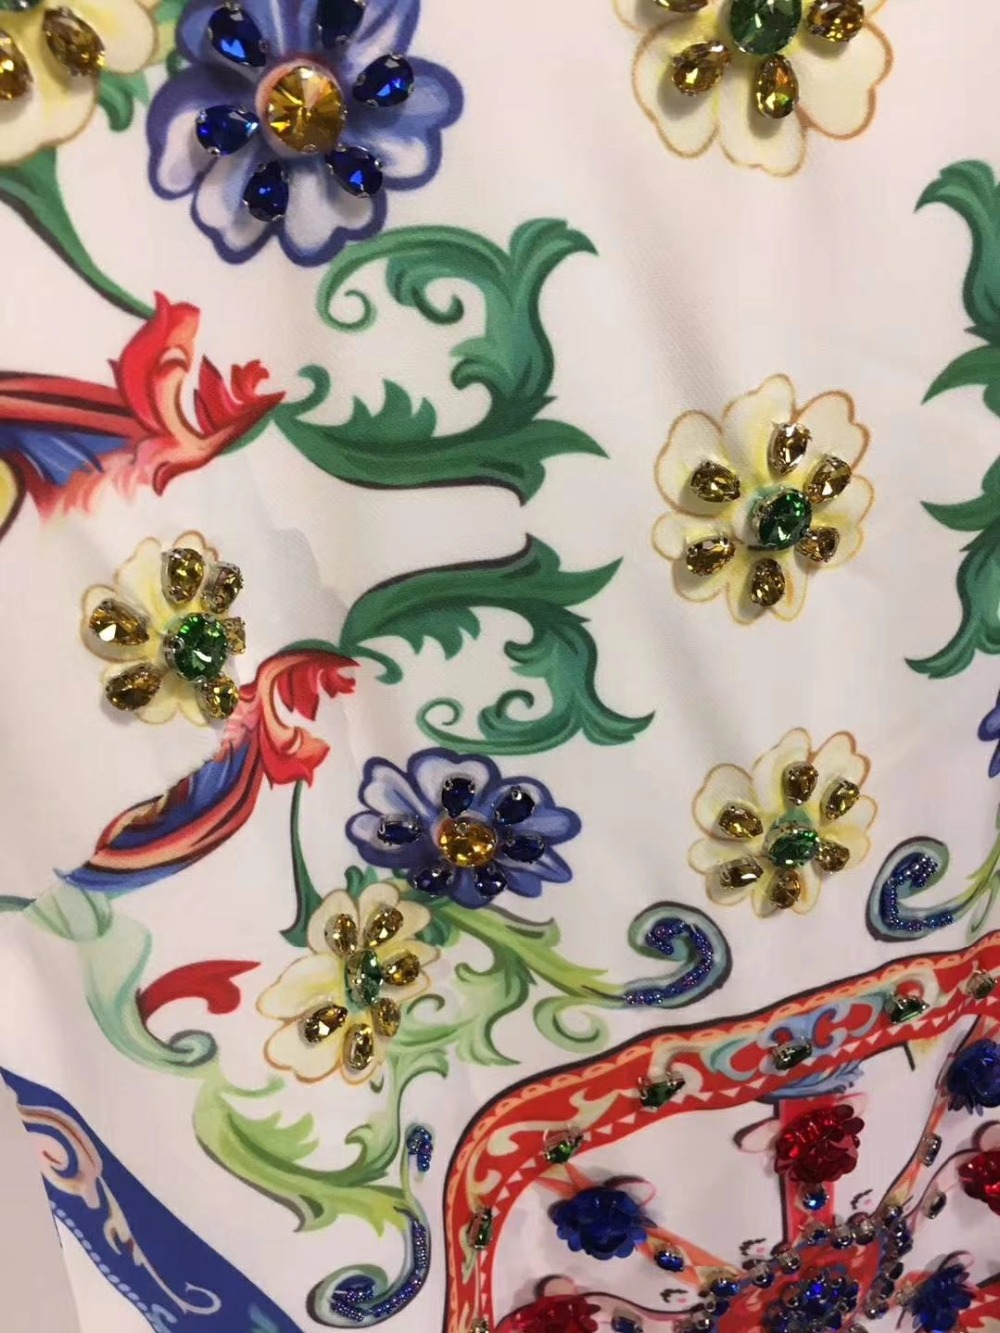 Vestidos verano 2018 mode poupée style décontracté floral robe mignon bureau mini robes pour femmes été vintage roupas feminina - 4